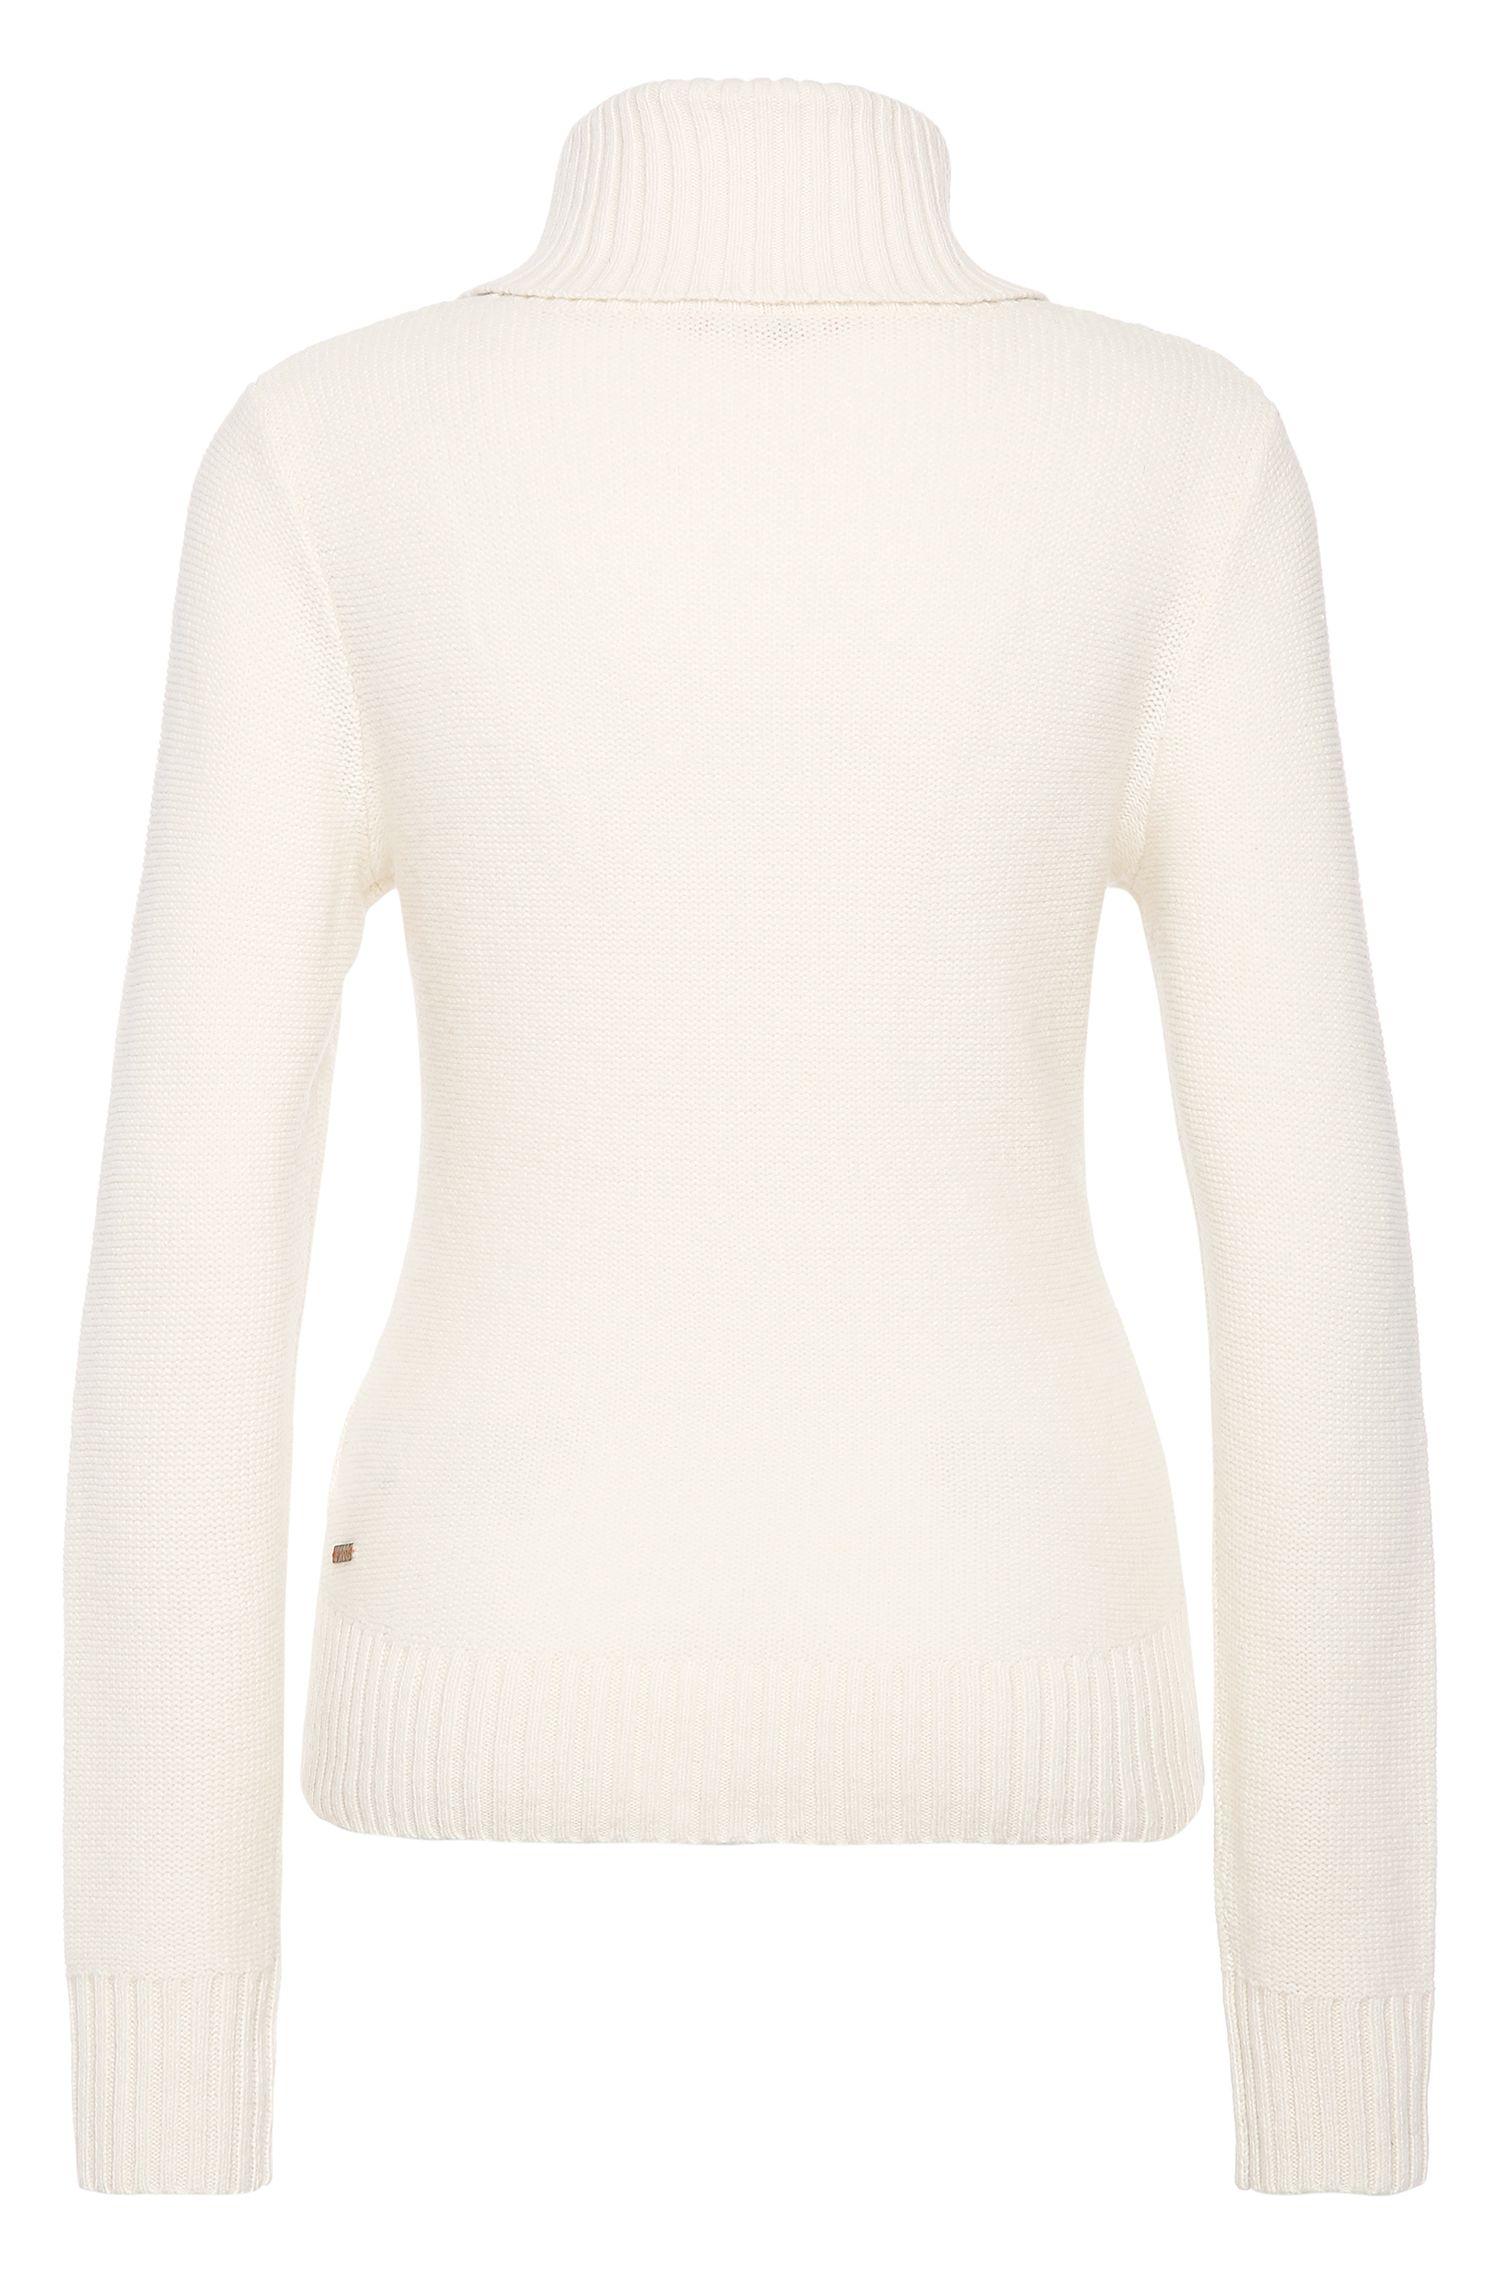 Gebreide trui van scheerwol, met col en vlechtmotief: 'Imojil'